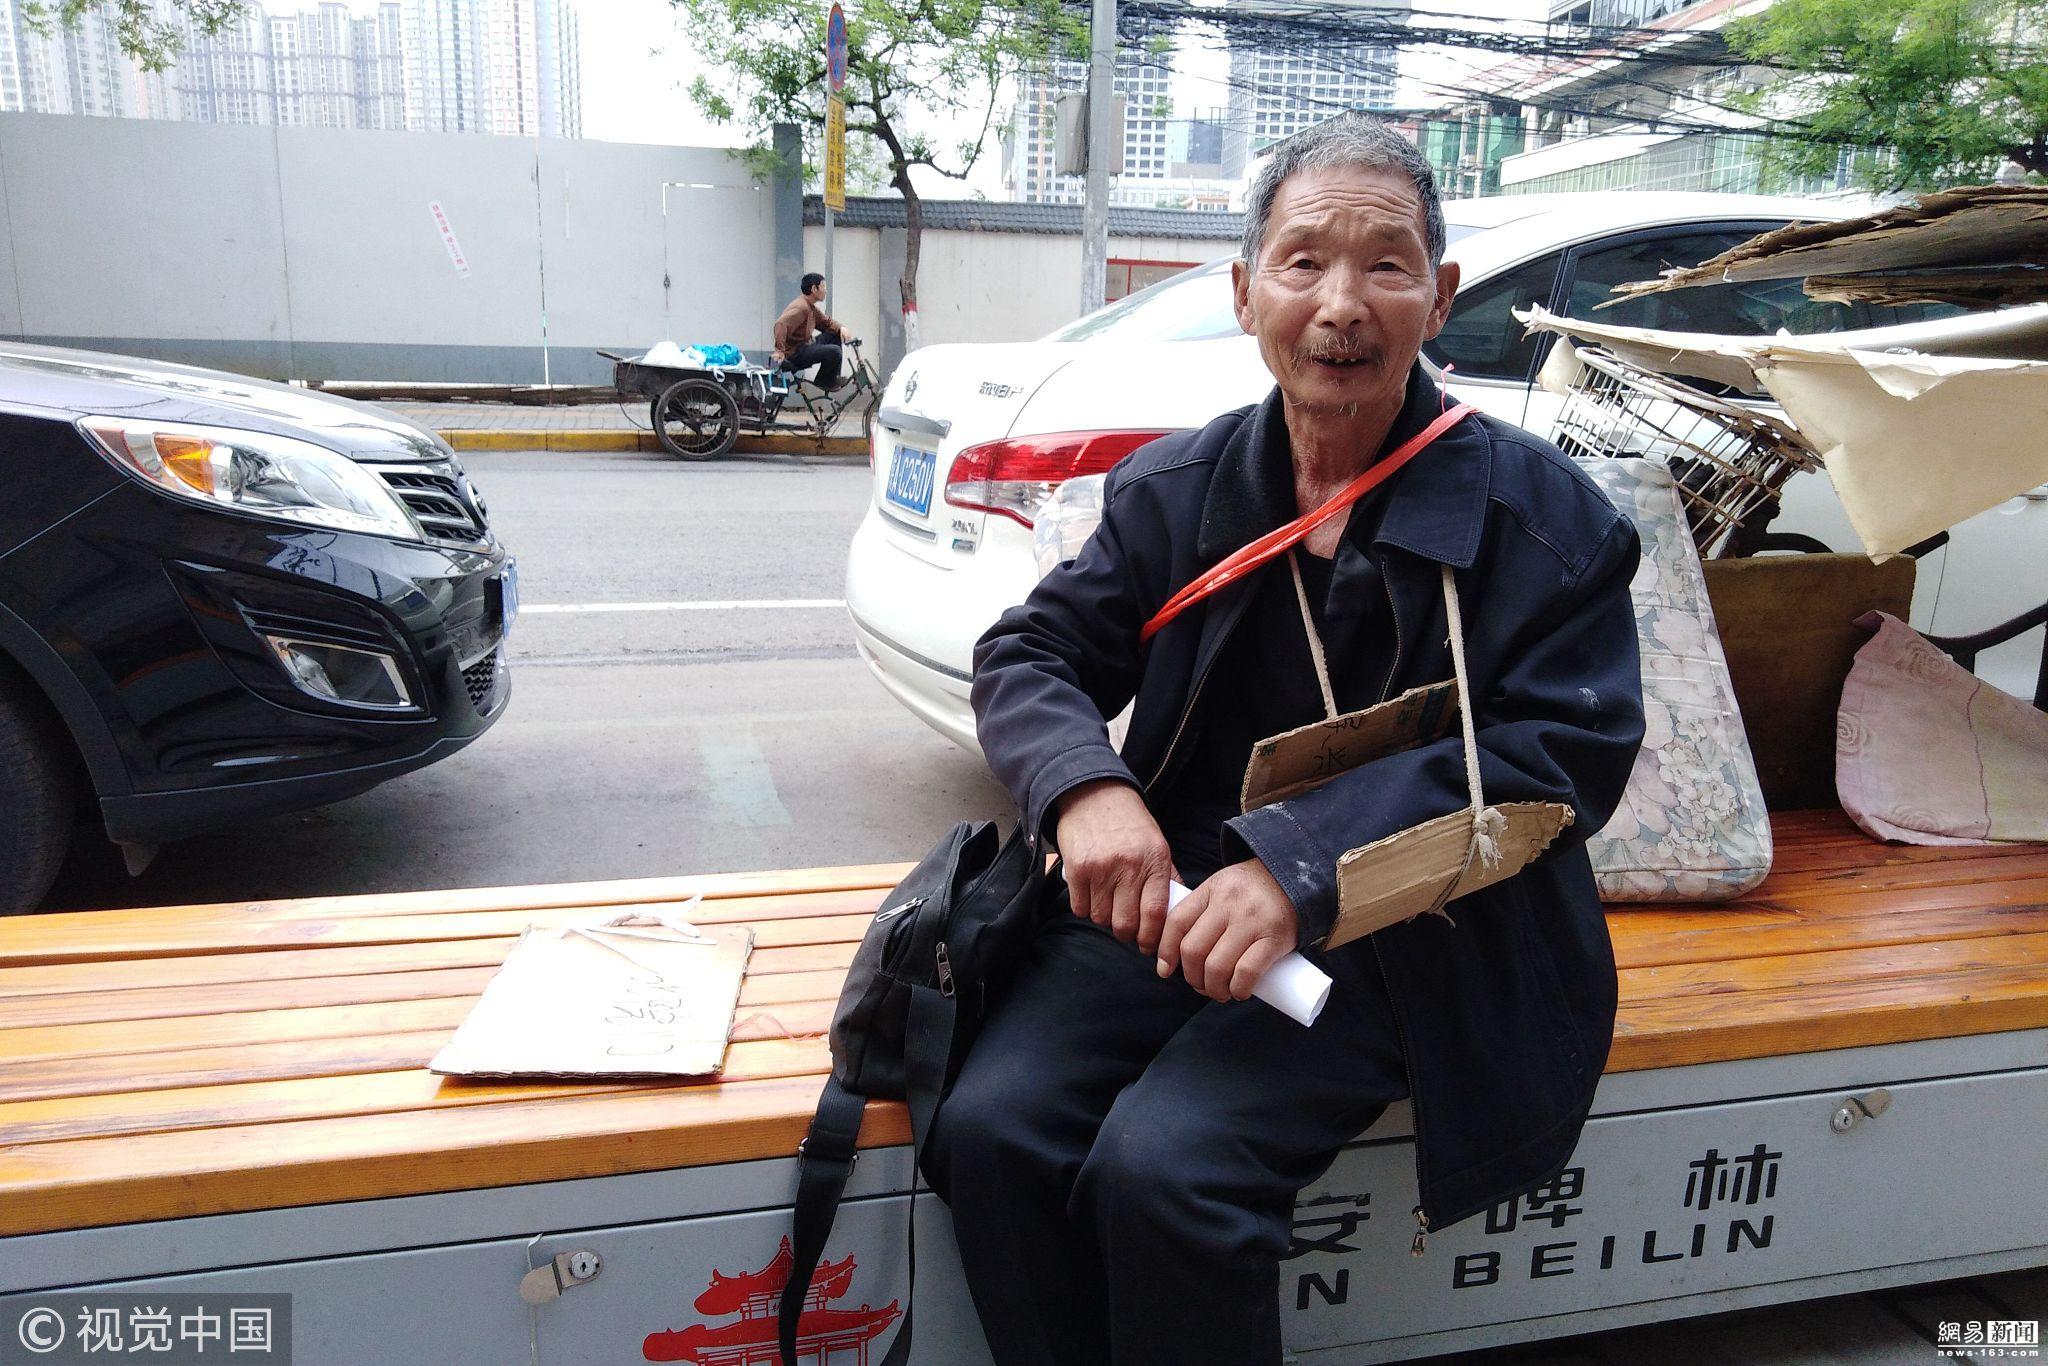 老人看病与老伴走散 步行上千公里举牌寻人! - 周公乐 - xinhua8848 的博客